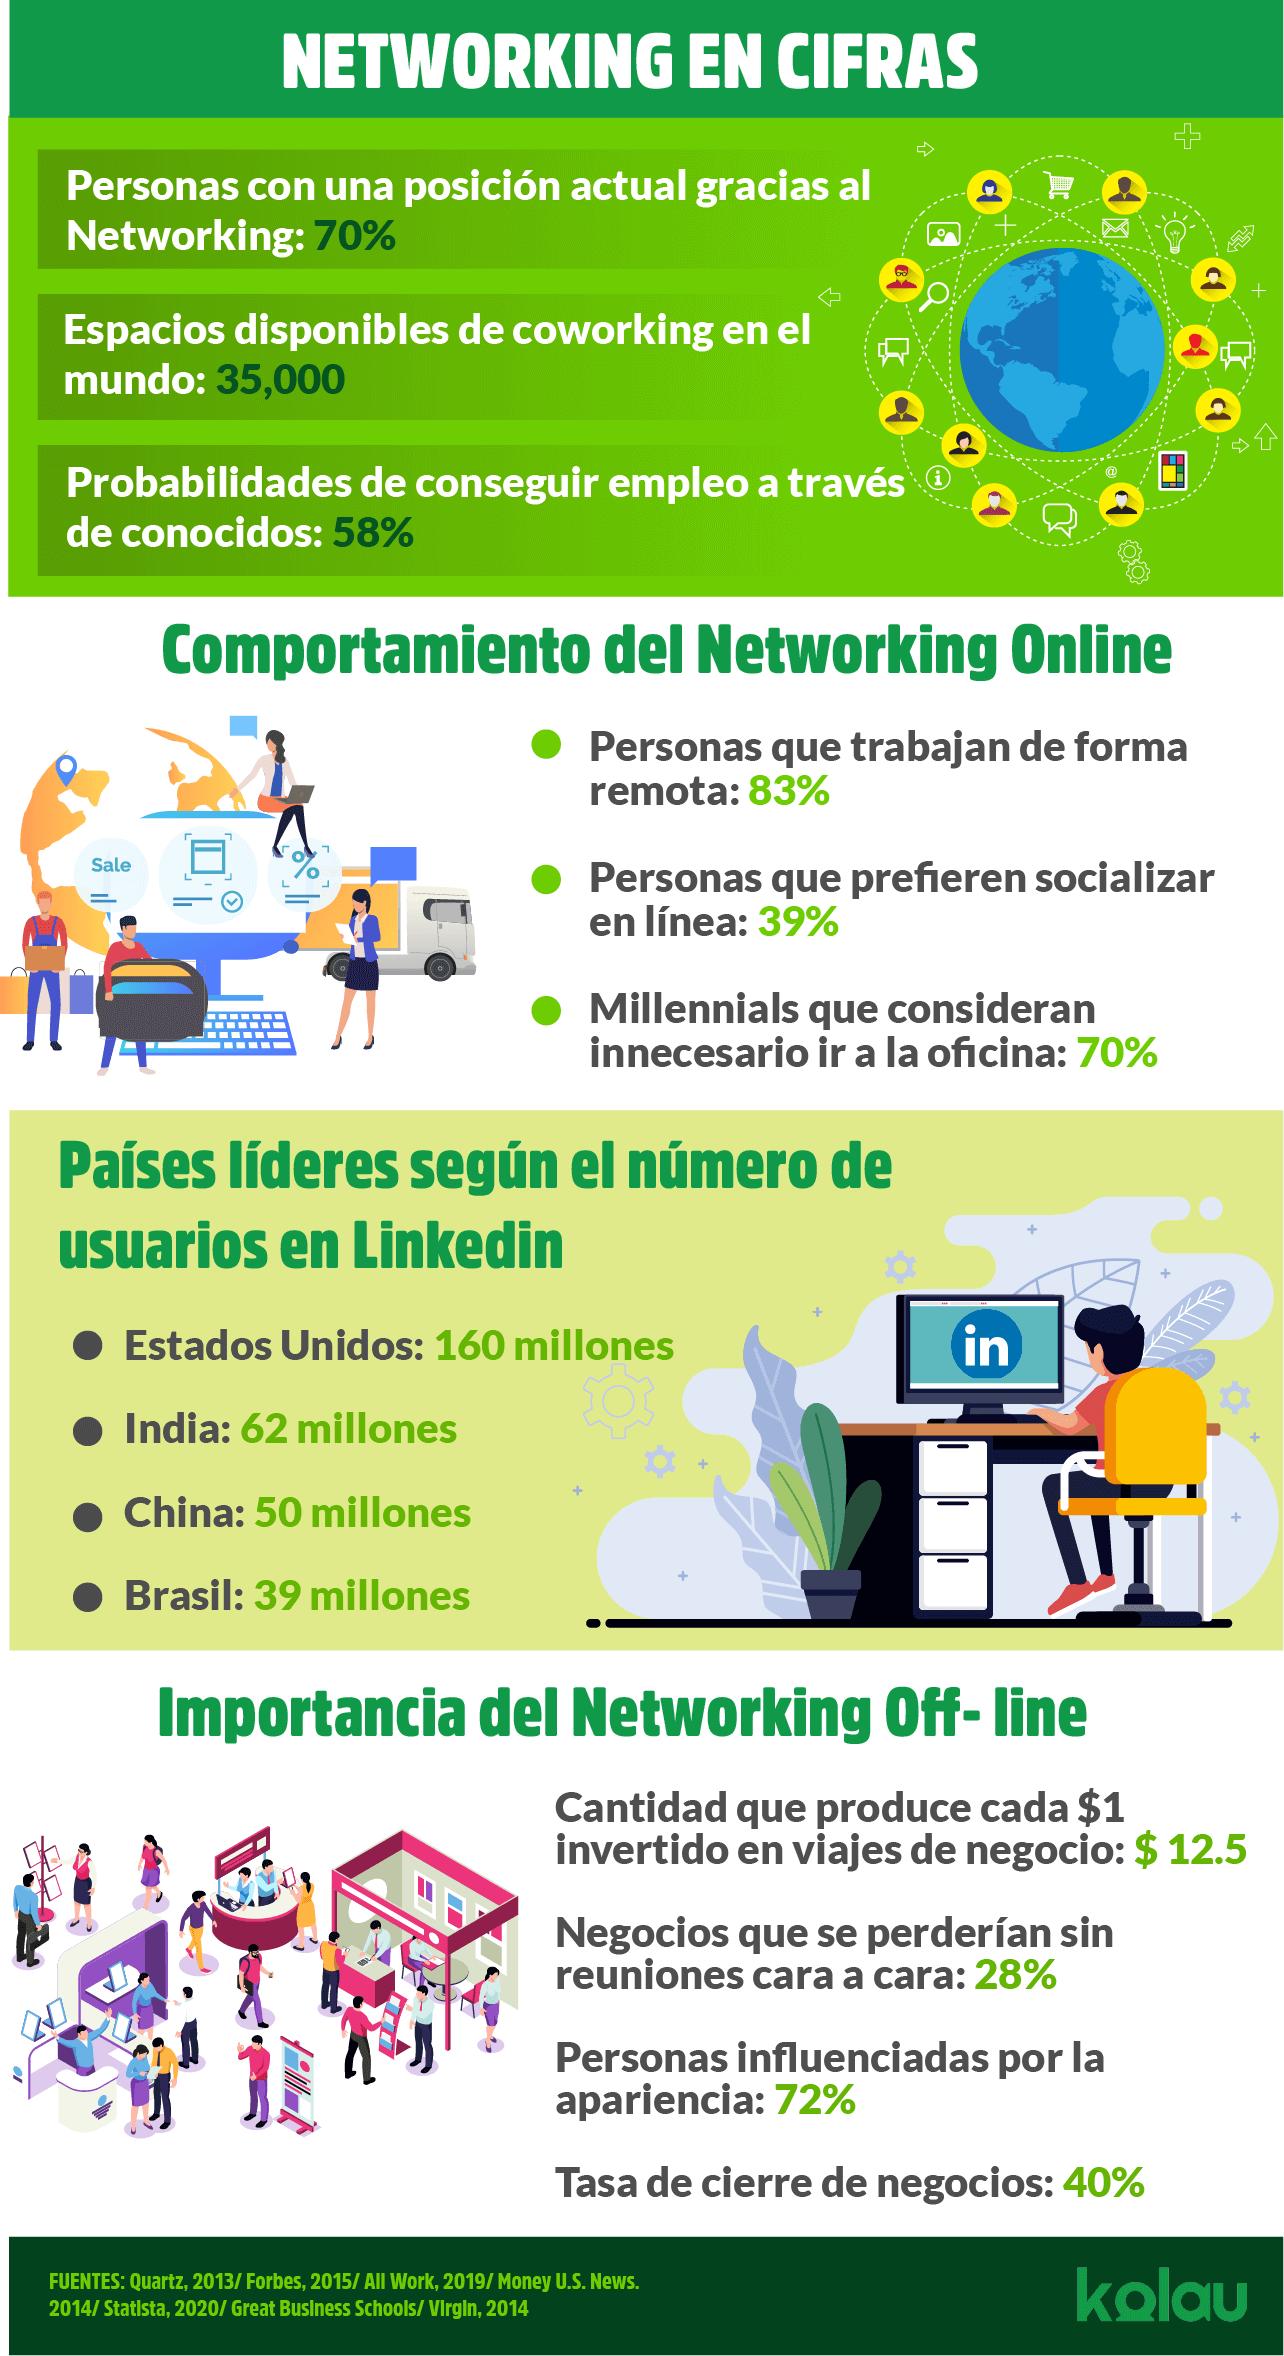 Qué es el Networking: 5 formas de usarlo como empresa. Infográfico